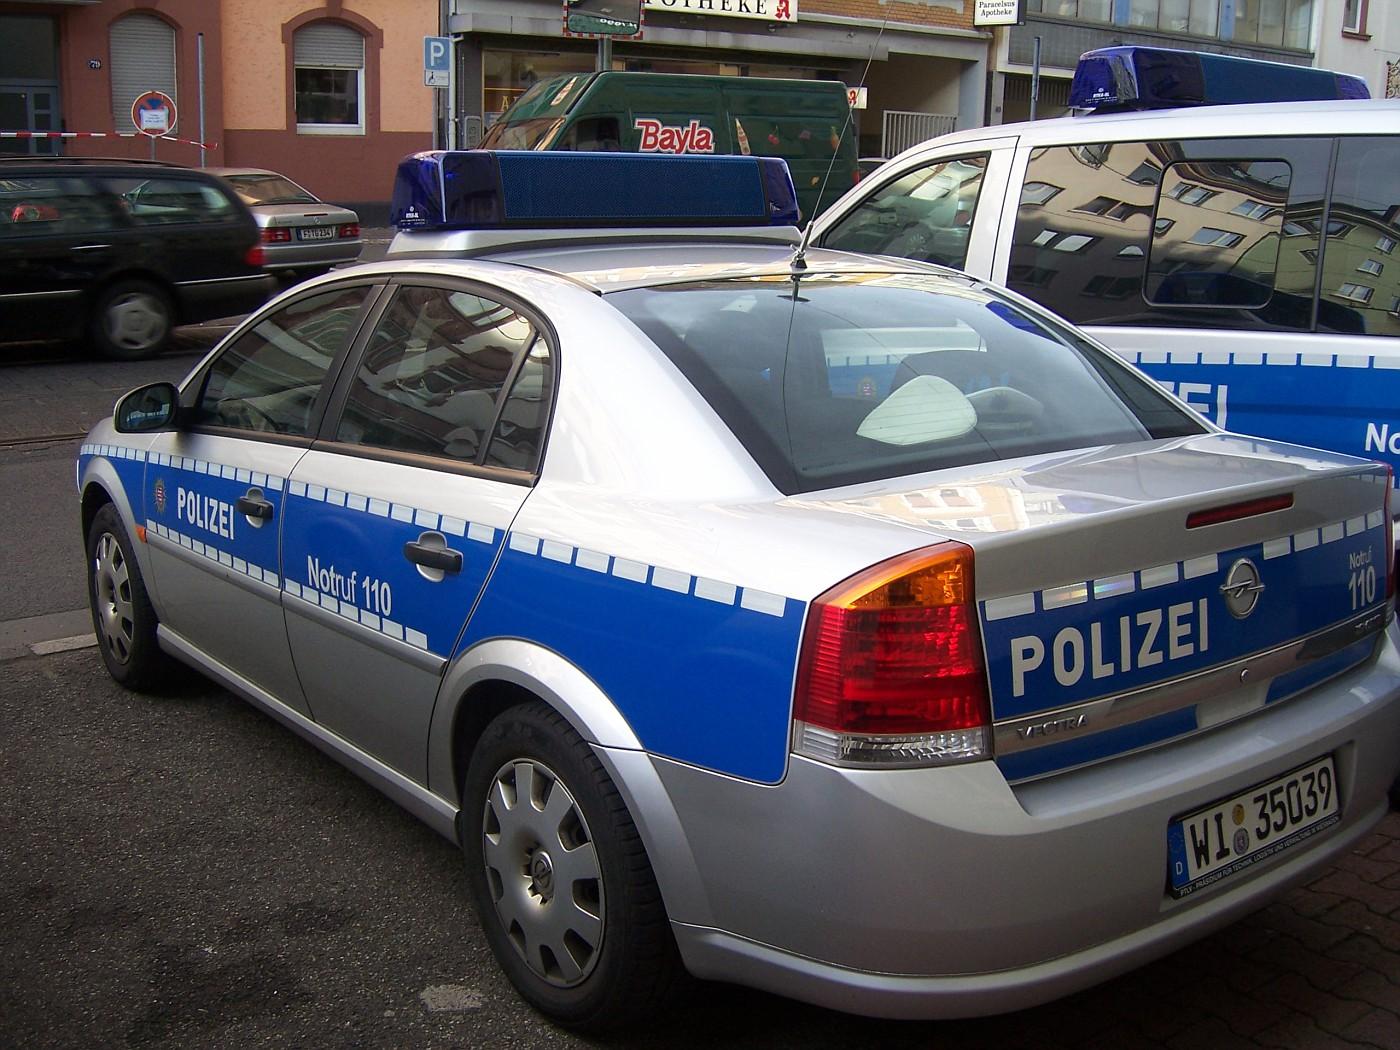 Germany - Frankfurt Polizei